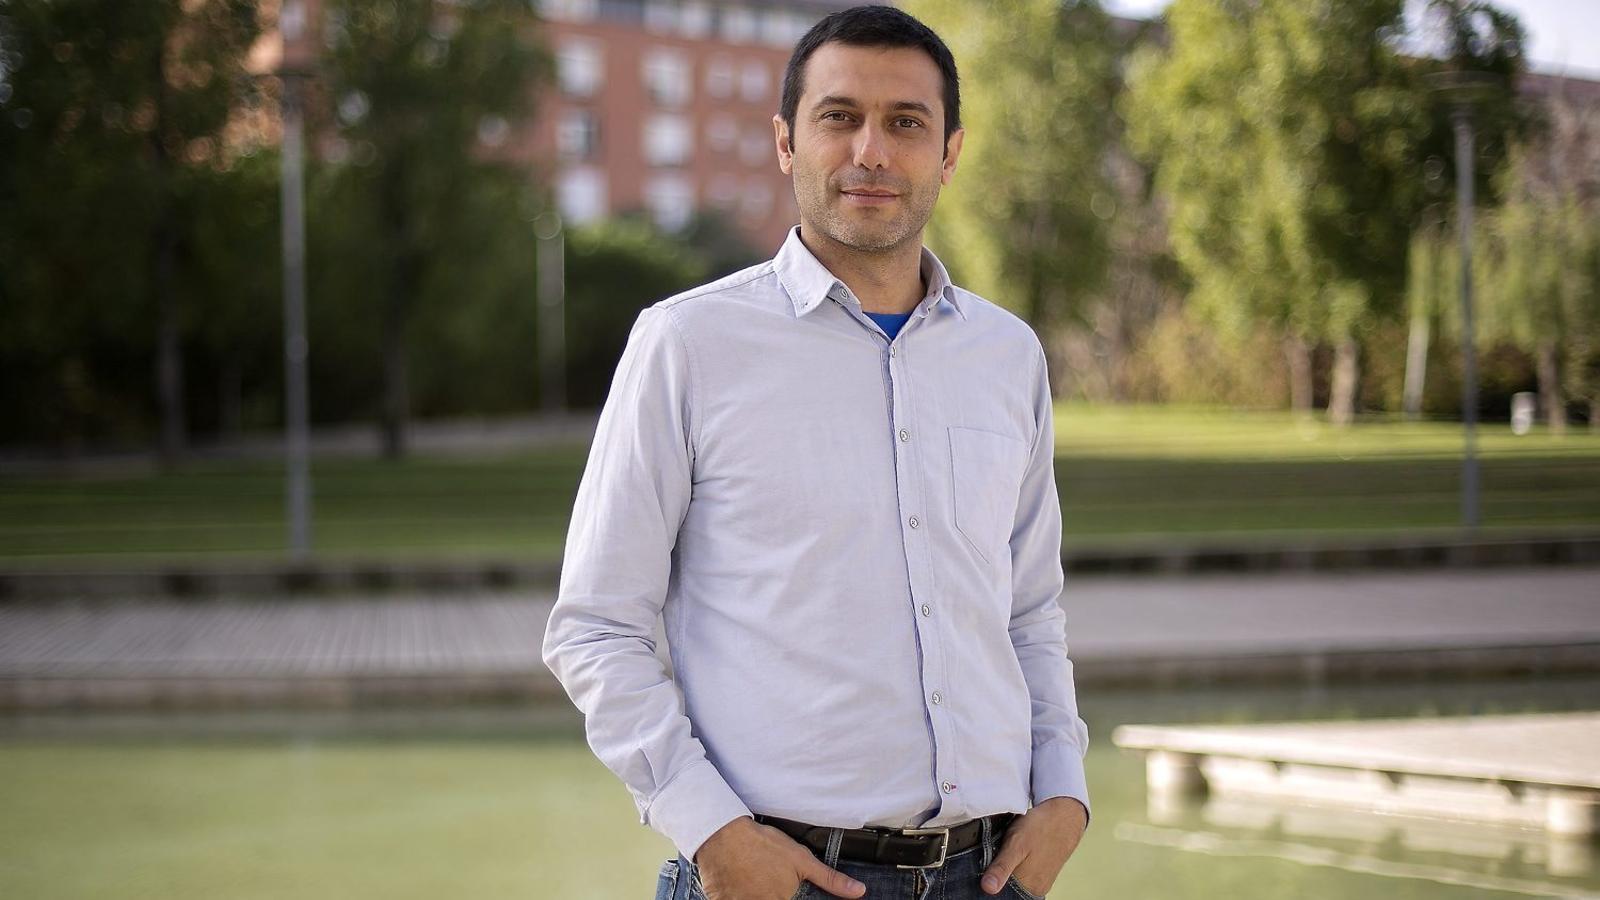 """Albert Cañigueral: """"L'economia col·laborativa corre el risc de convertir-se en un capitalisme de plataforma controlat per pocs"""""""